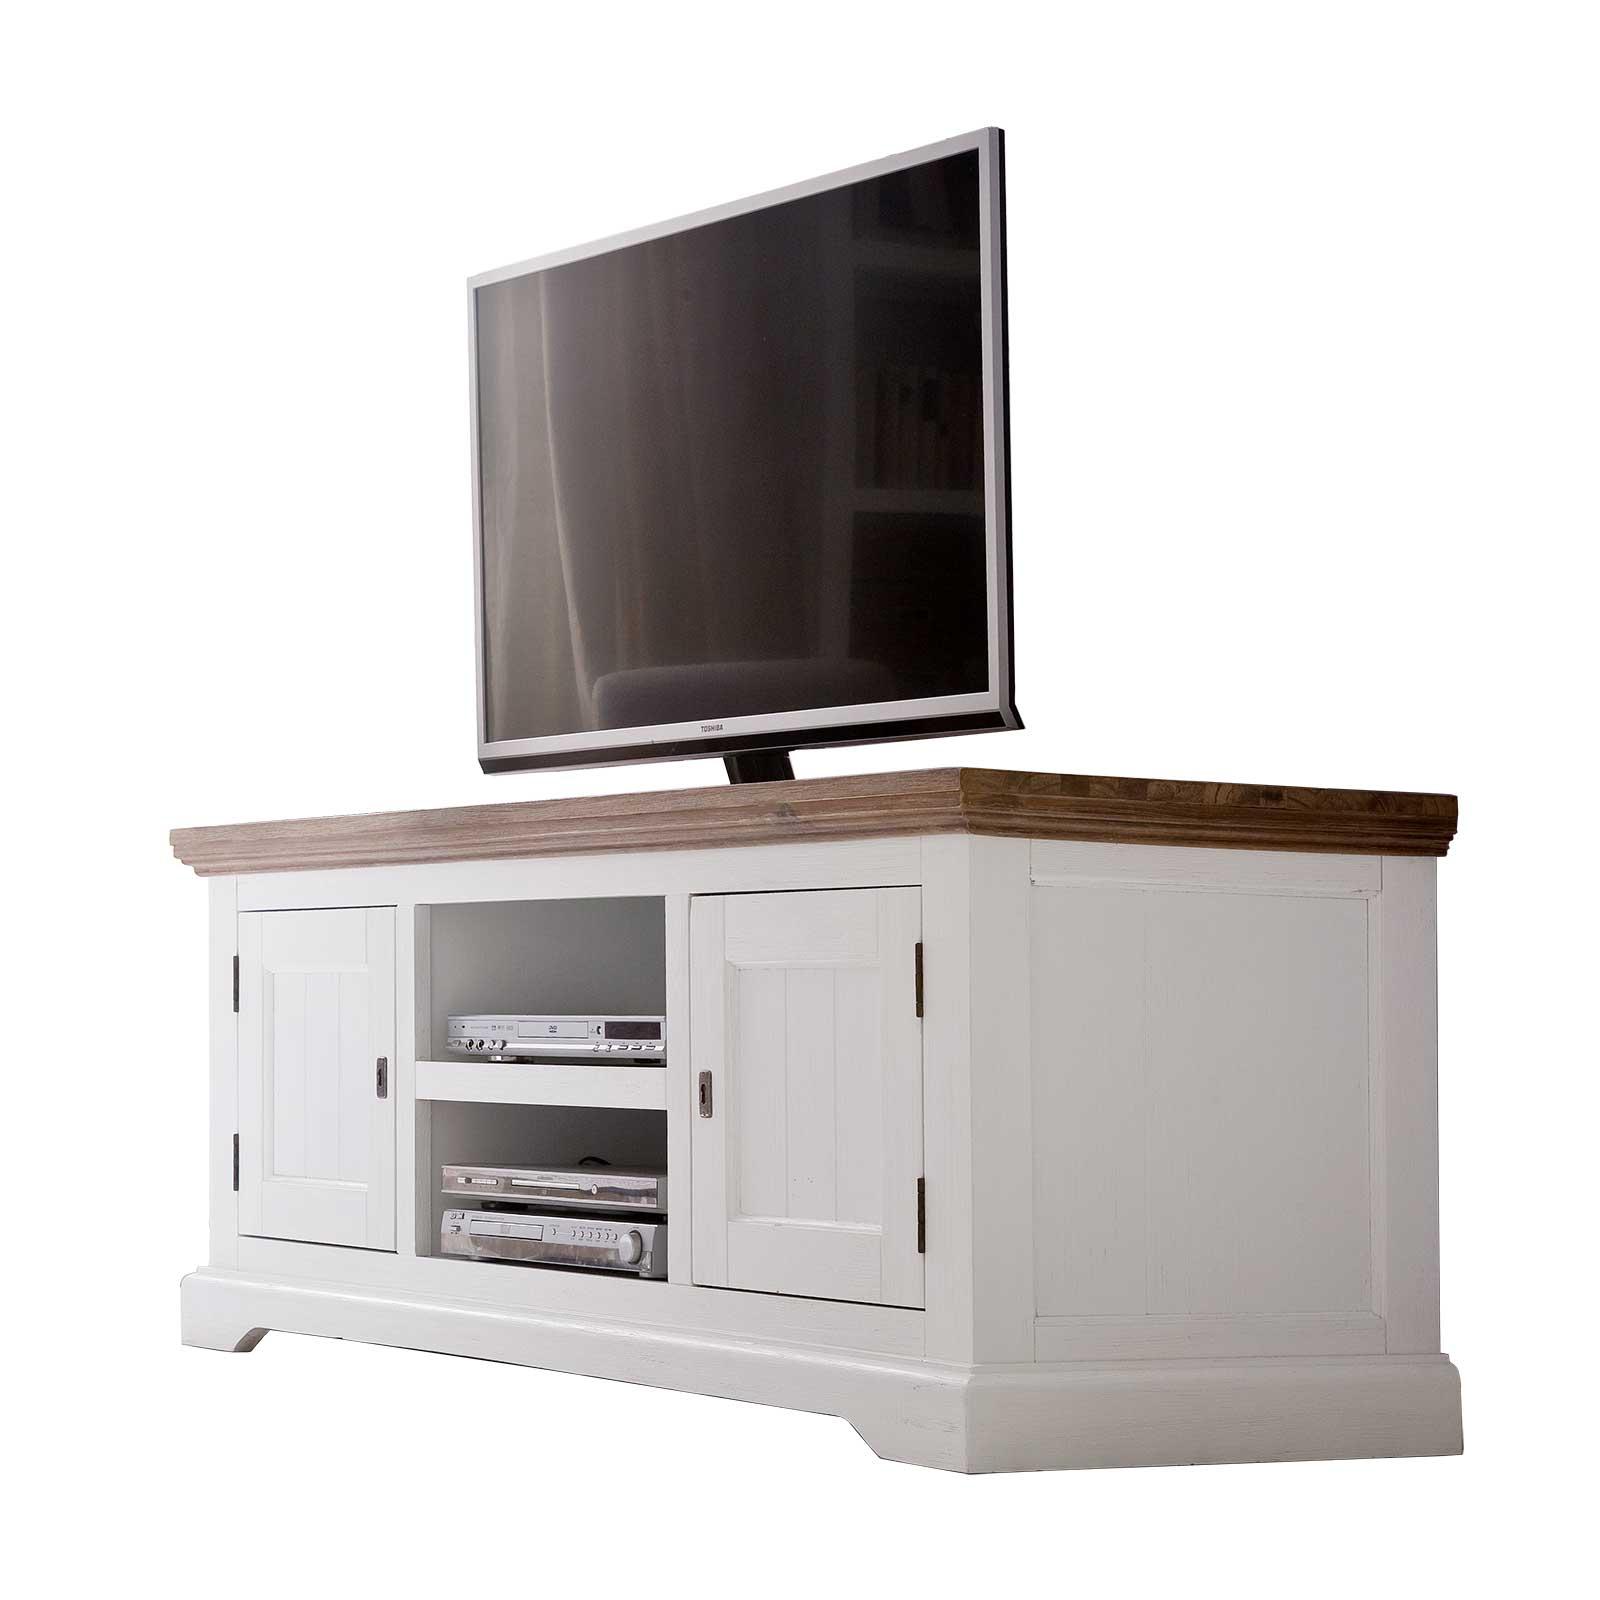 tv-lowboard-fleur-155cm-breit-in-wei-braun